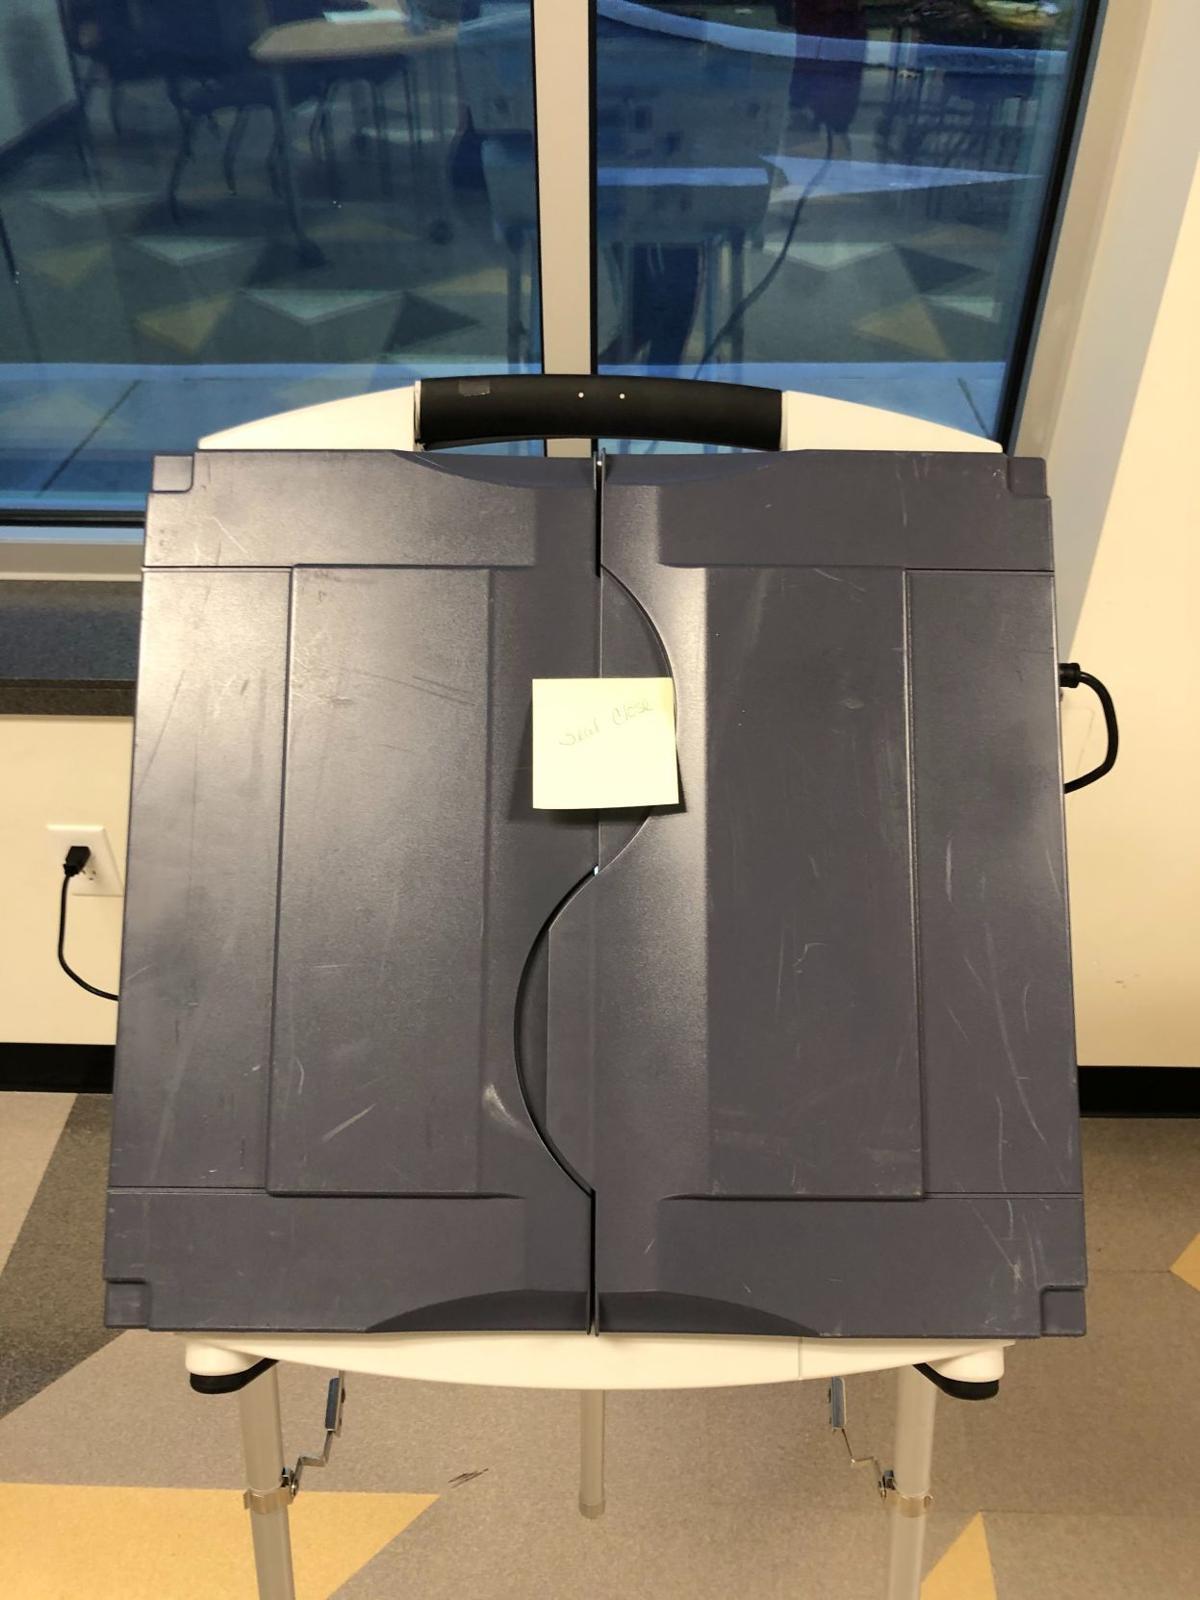 11/5/19 Happy Hollow, broken polling machine